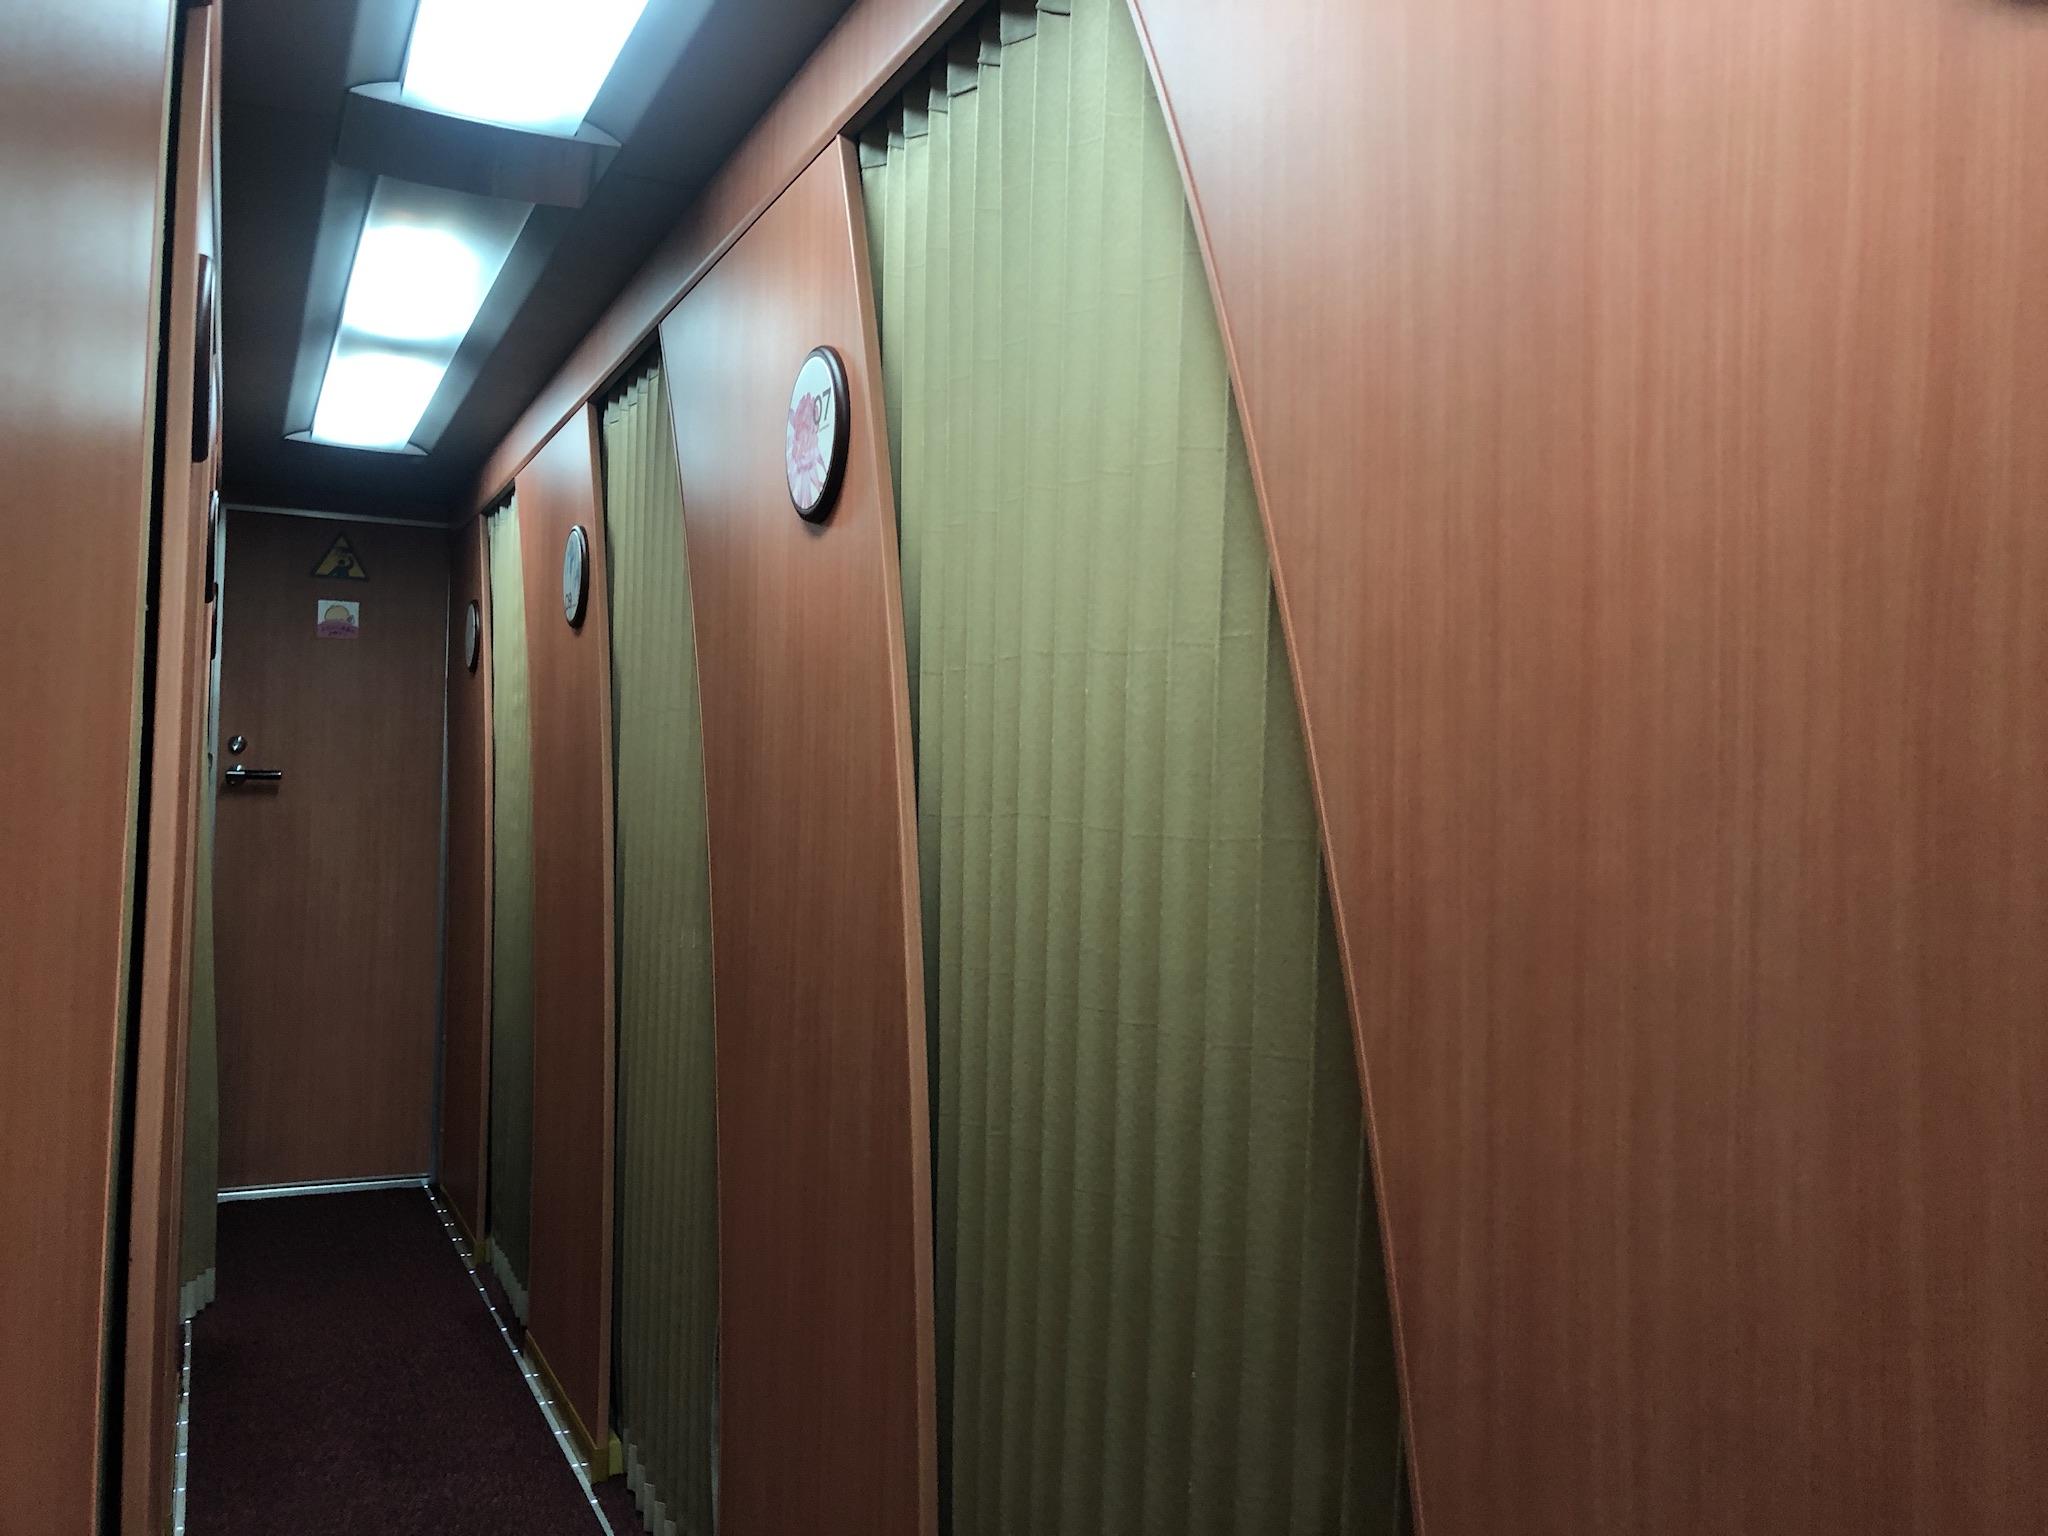 土足禁止&半個室!12席限定の豪華夜行バス☆海部観光の「マイ・フローラ」に乗ってみた